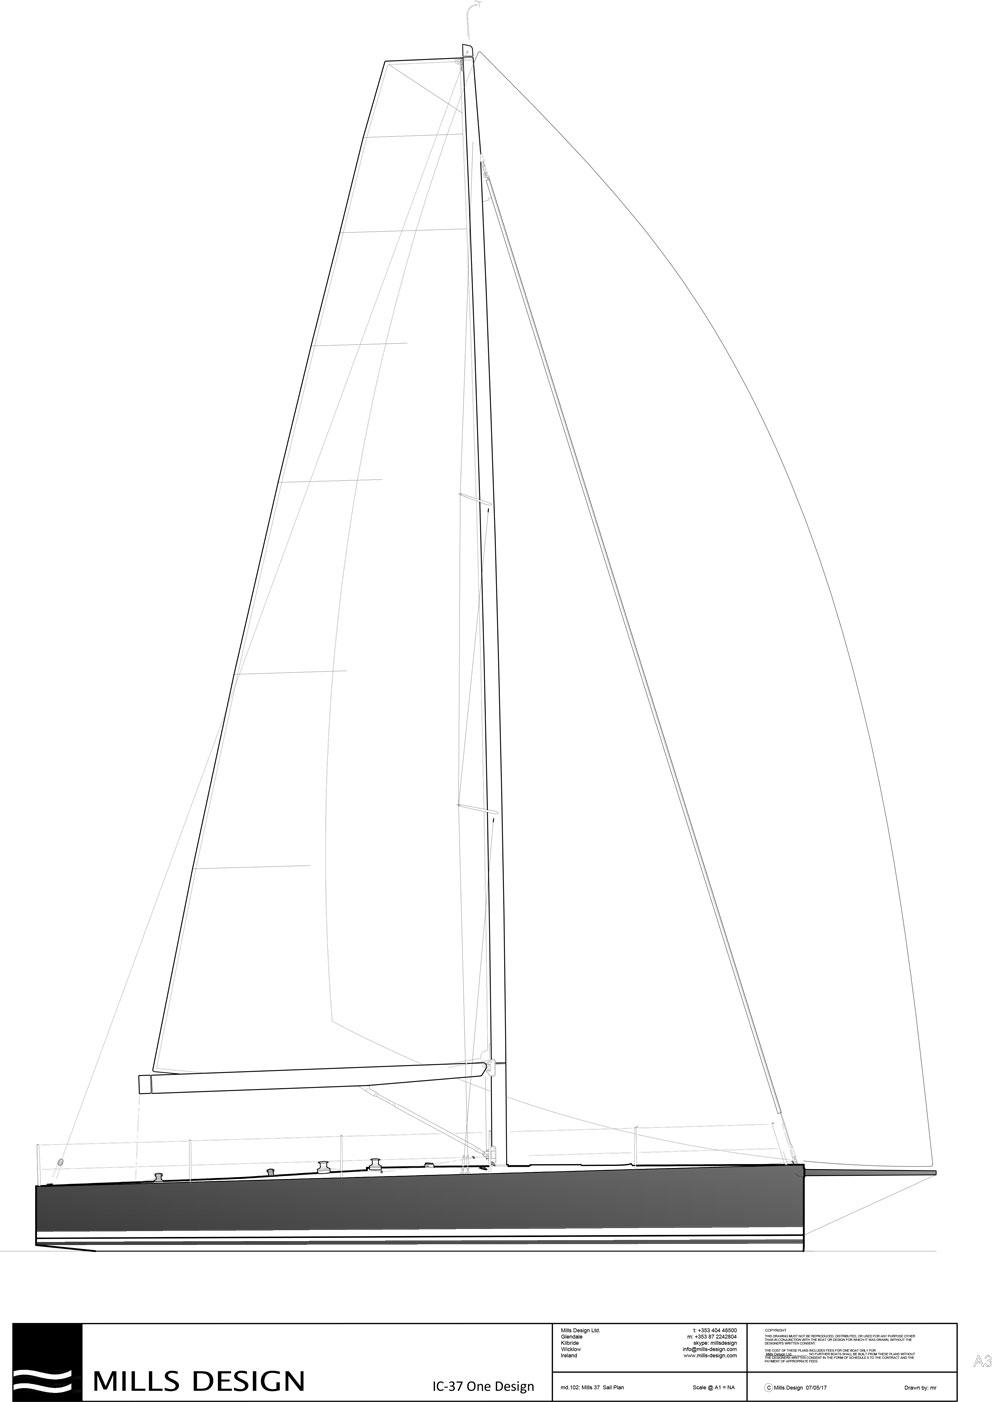 Mills-37-Sail-Plan.jpg